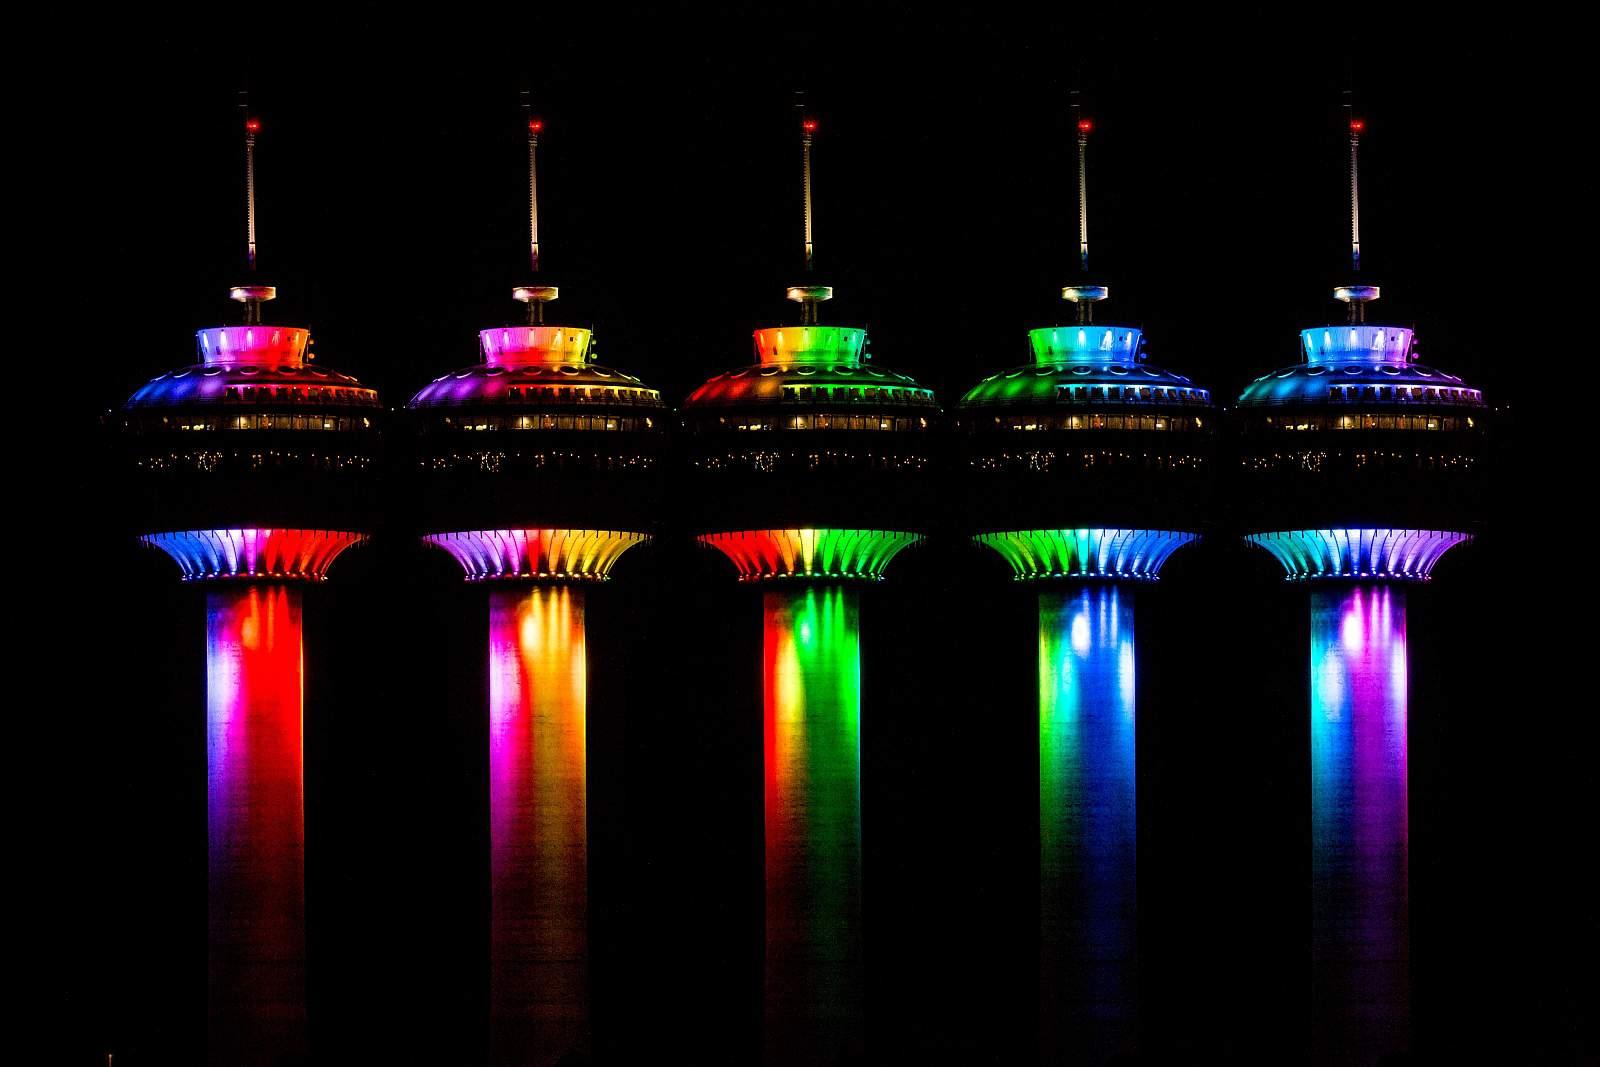 Nachts zeigt sich der Calgary Tower von seiner schönsten Seite. Farbenfroh illuminiert strahlt er über die Stadt. Foto Neil Zeller / CalgaryTower